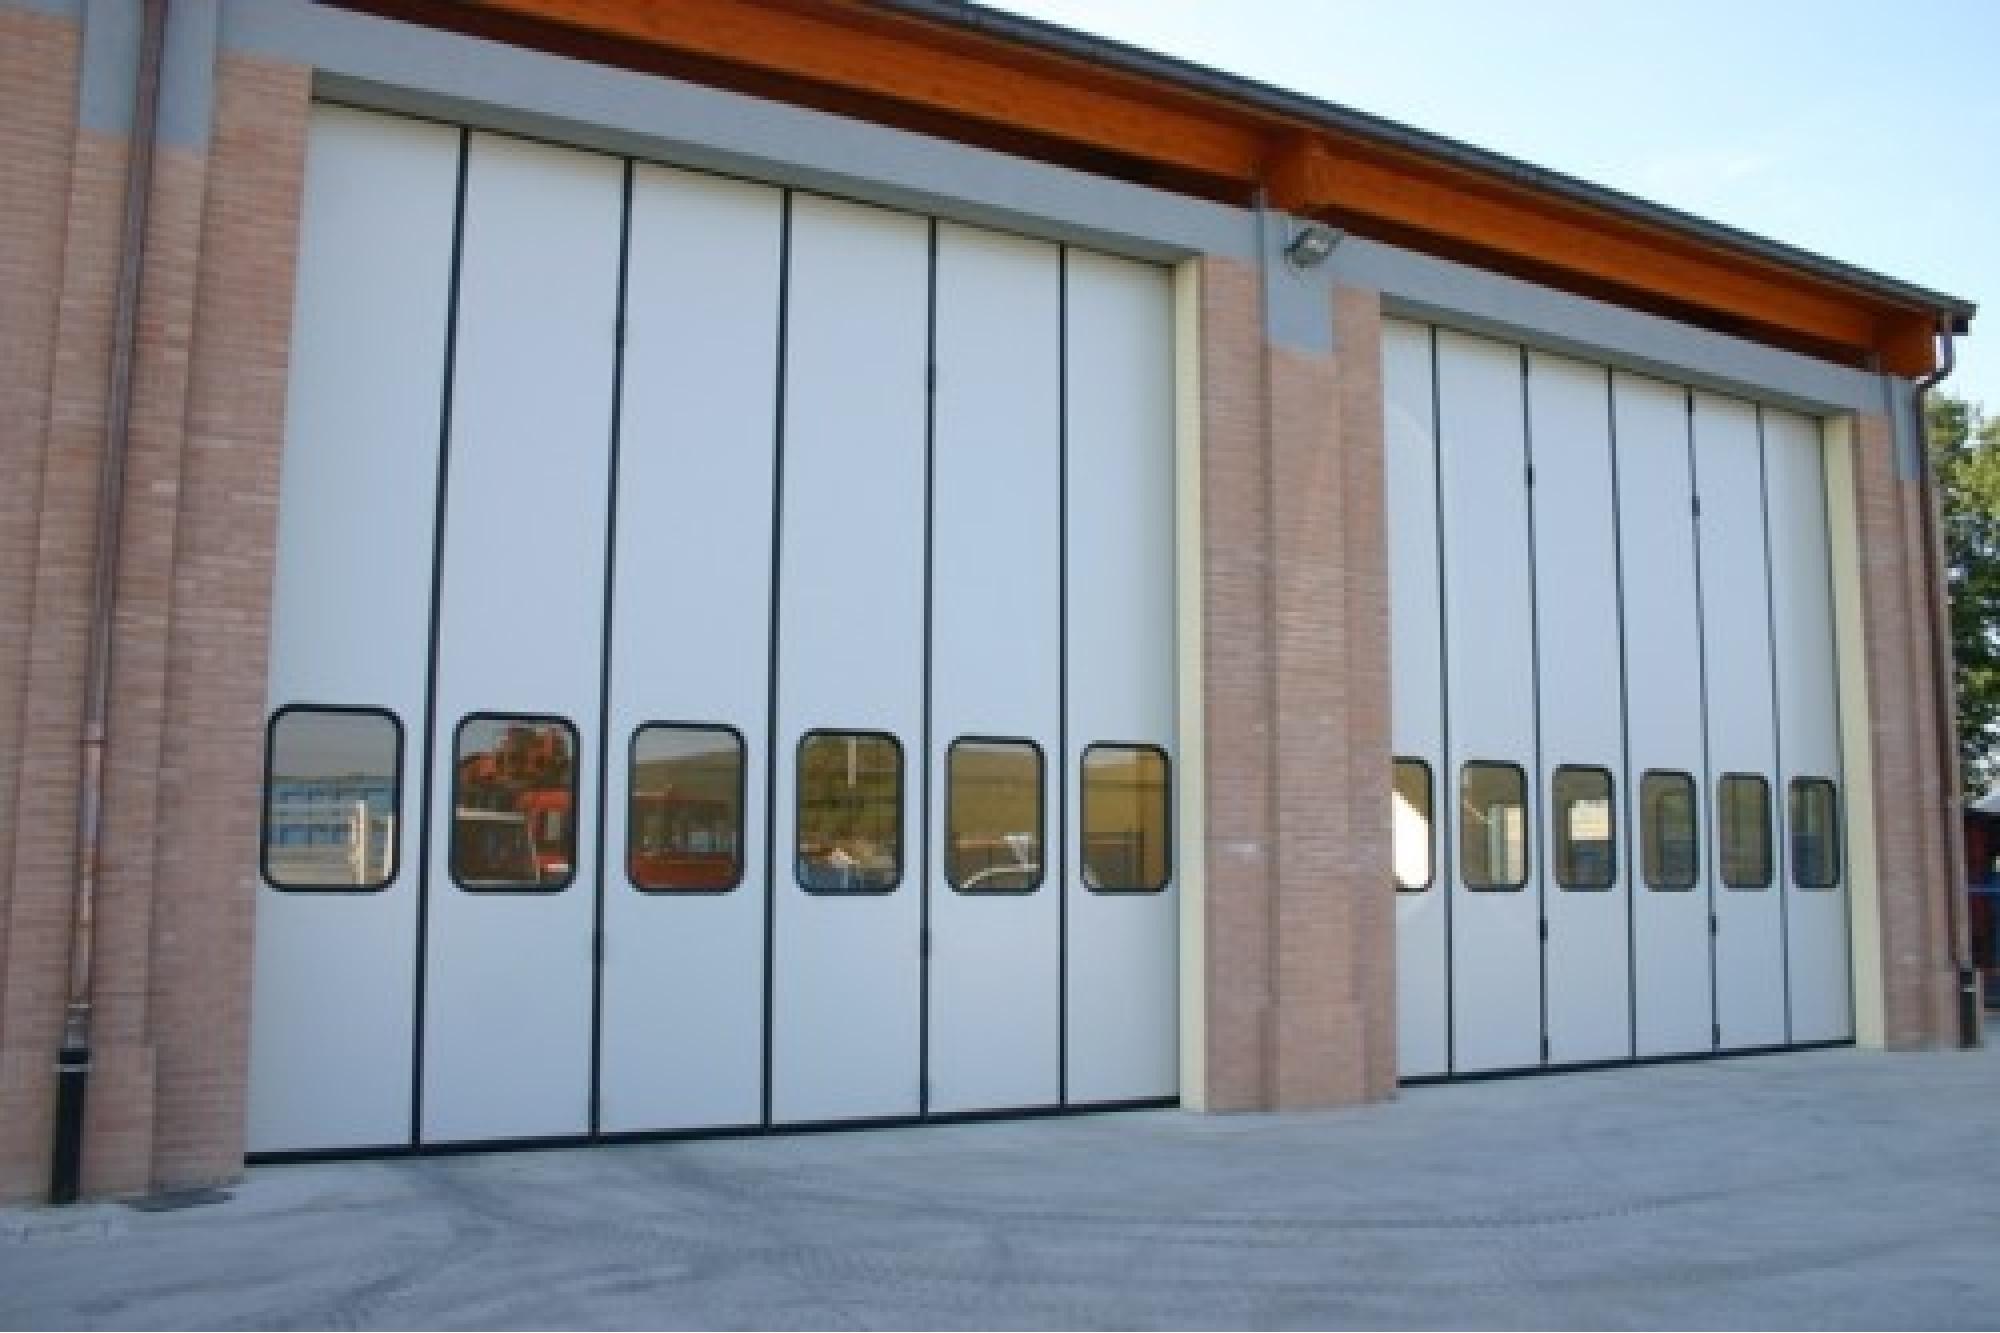 Portoni a libro industriali richiedi prezzo o preventivo - Prezzo porta basculante garage ...